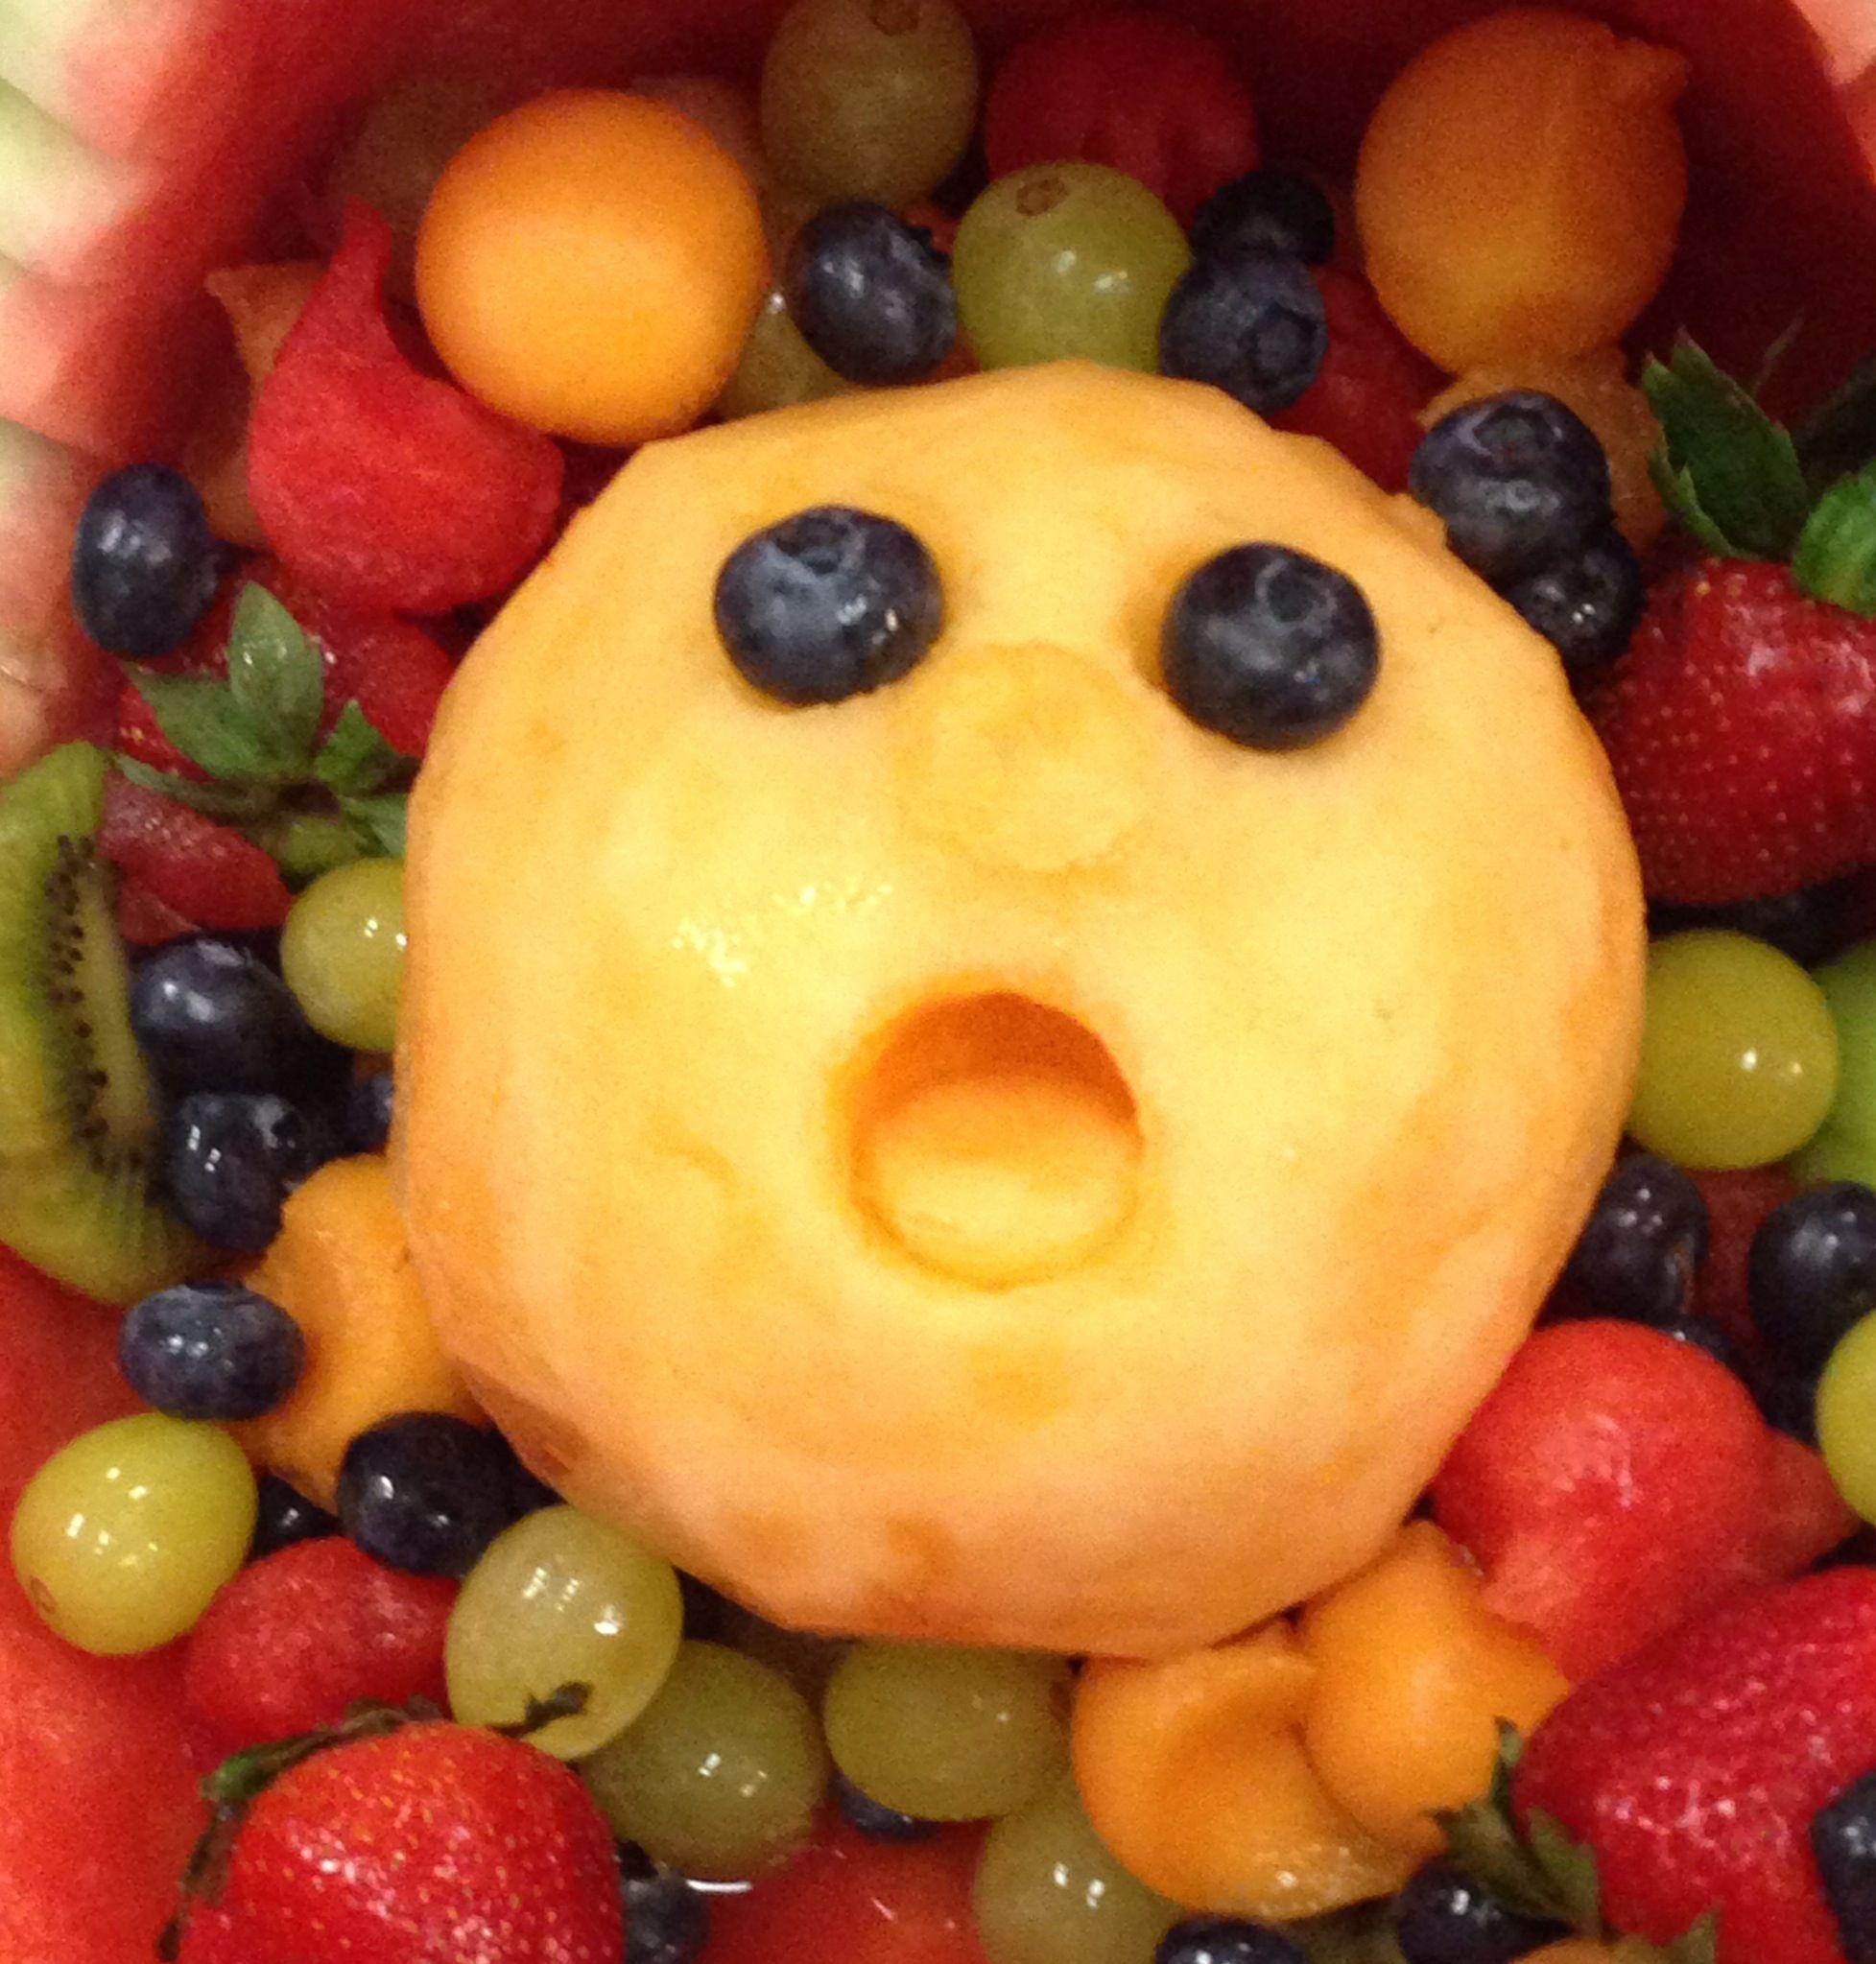 Crying Cantaloupe Baby